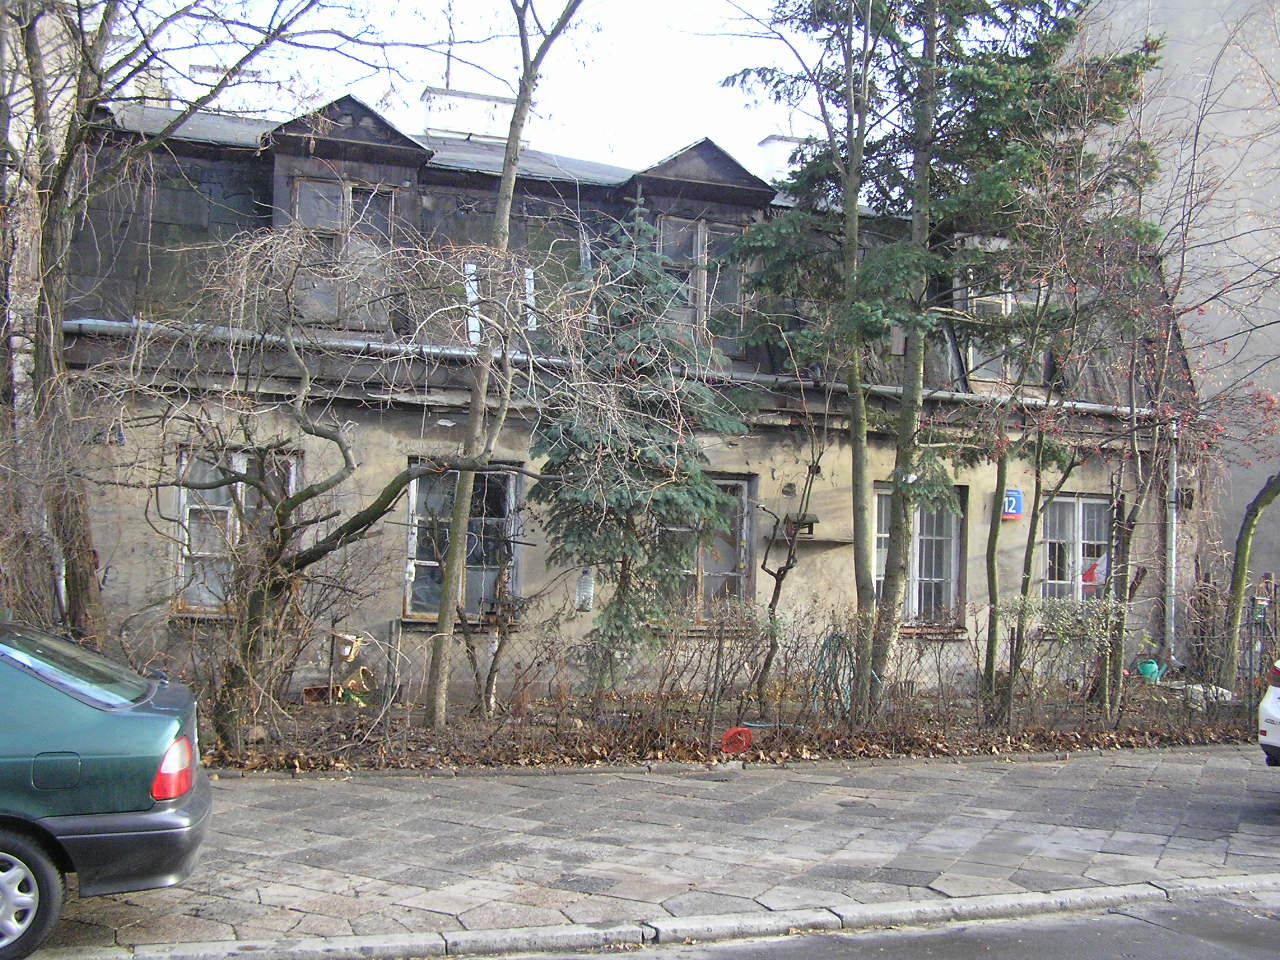 Zabytkowy dom przy ulicy Kaleńskiej 12 na Grochowie